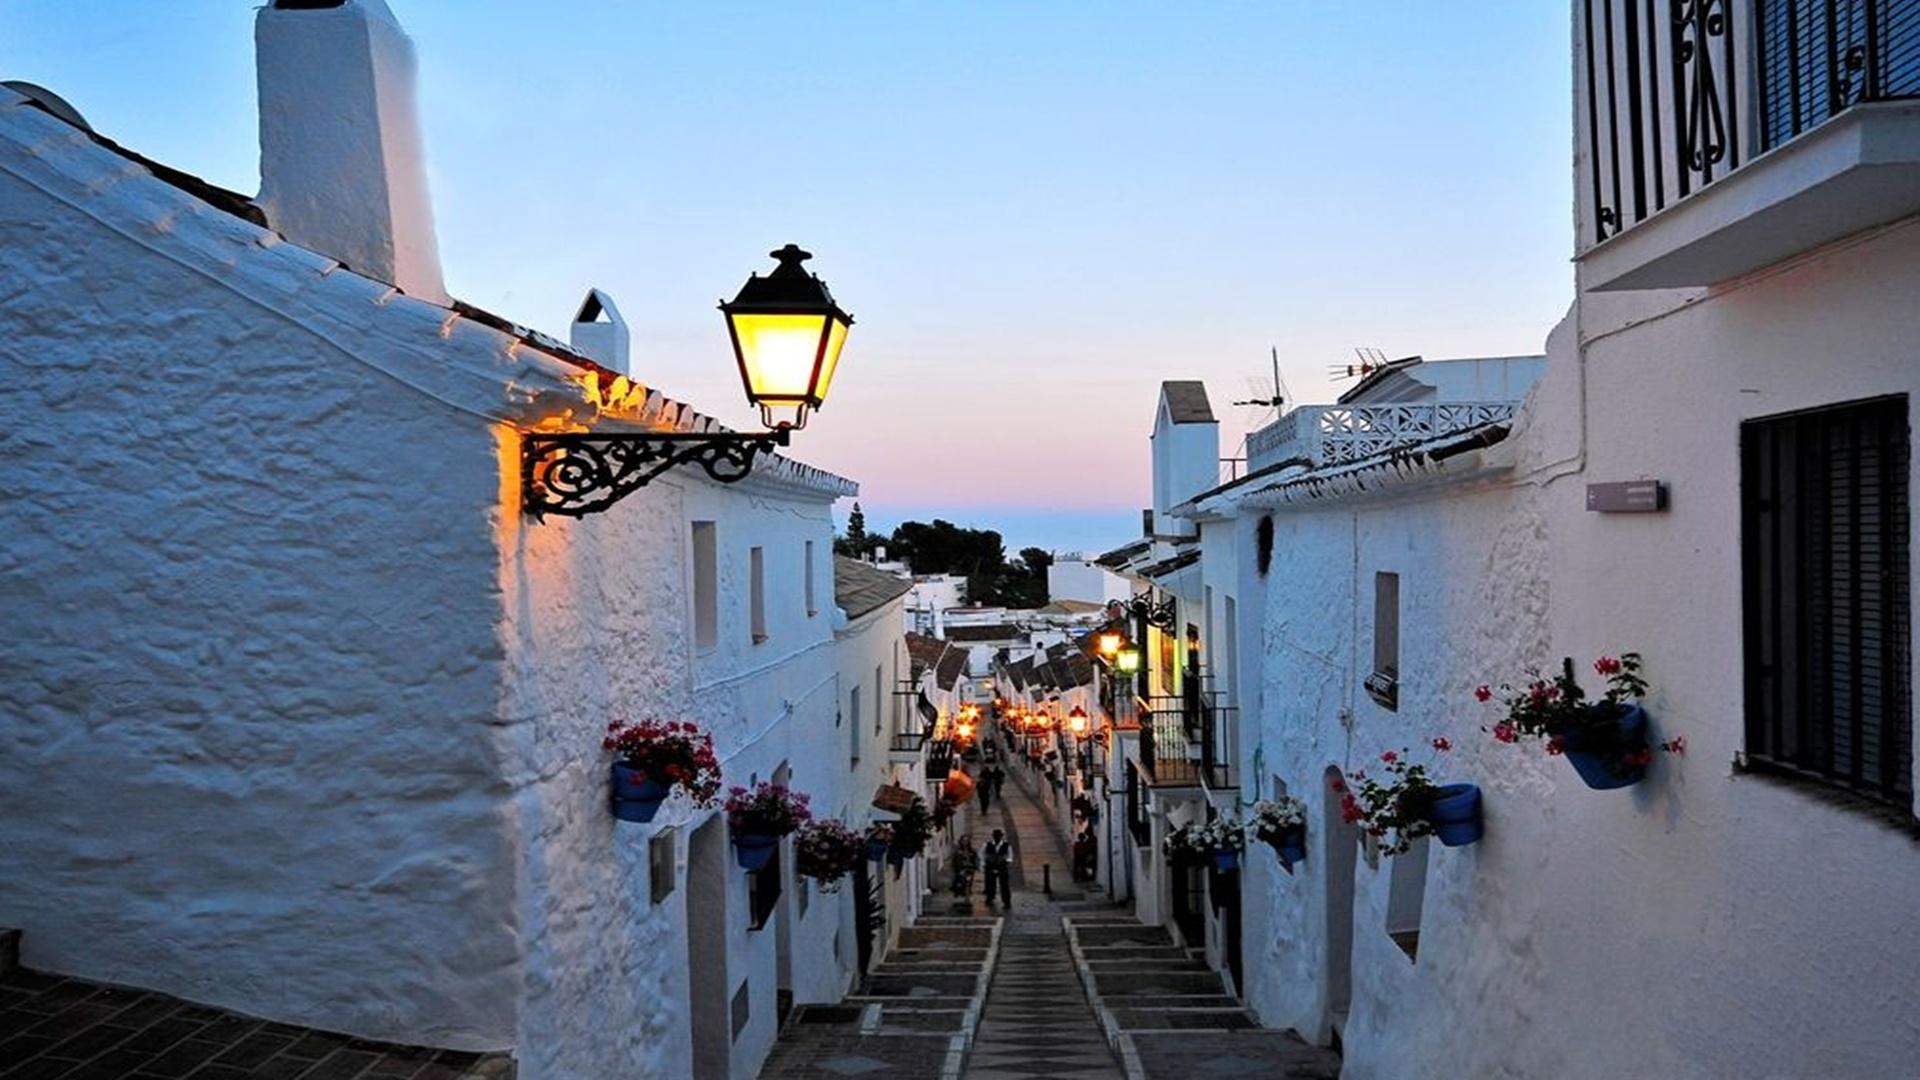 En la ladera de la sierra homónima, se extiende el pueblo de Mijas. Su casco histórico (declarado Conjunto Histórico-Artistico en 1.969) posee un trazado de origen árabe con calles encaladas, que son un improvisado balcón con vistas al Mediterráneo.